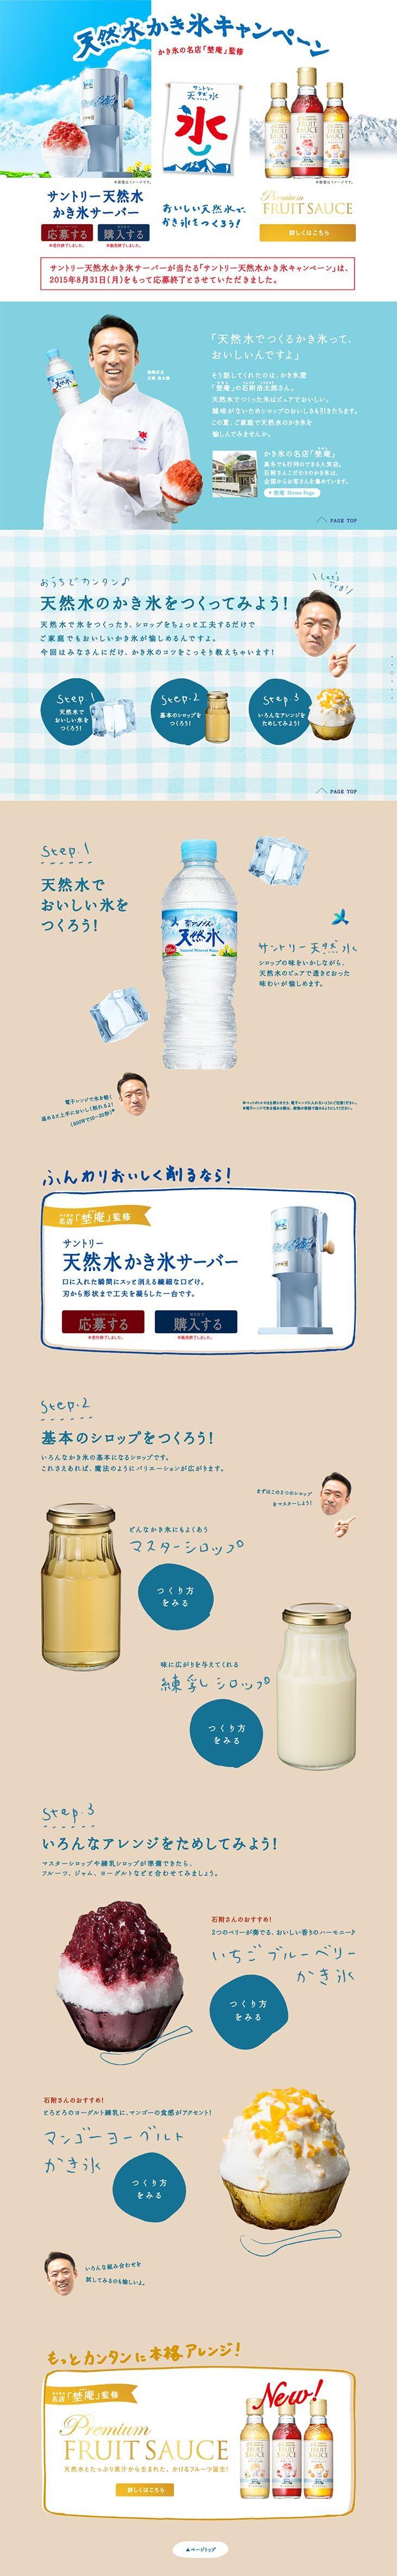 ランディングページ LP 天然水かき氷キャンペーン|飲料・お酒|自社サイト